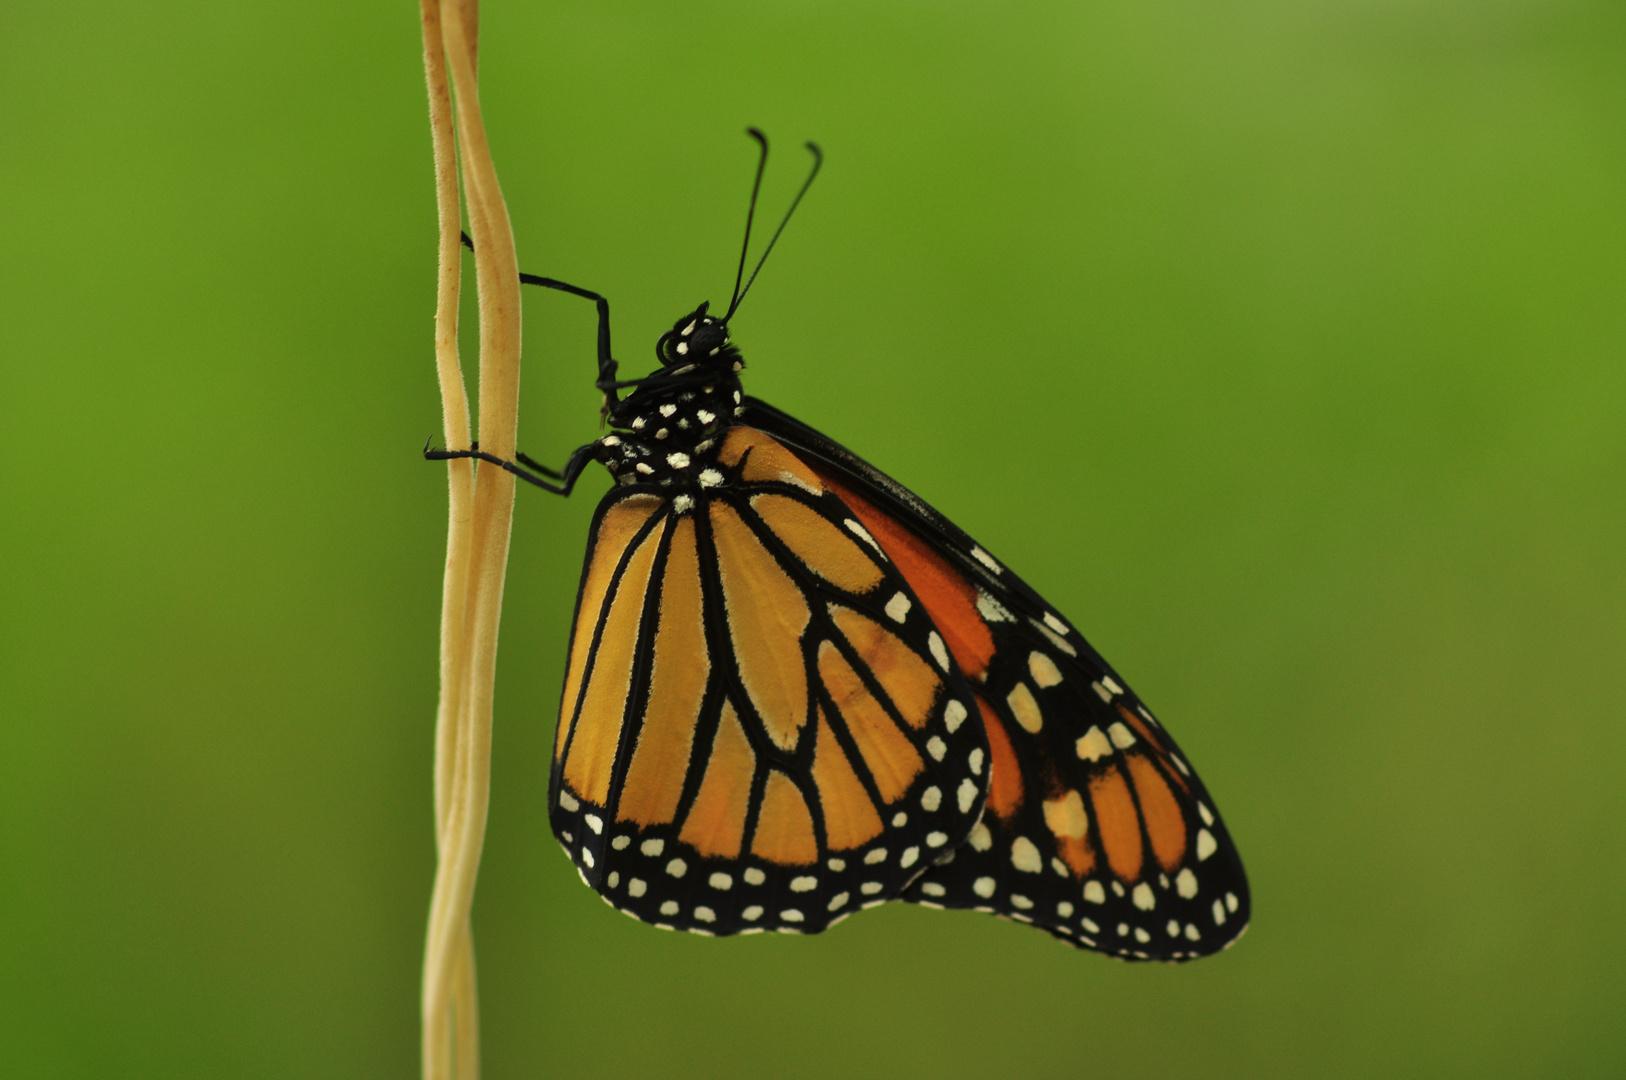 Schmetterling am Faden